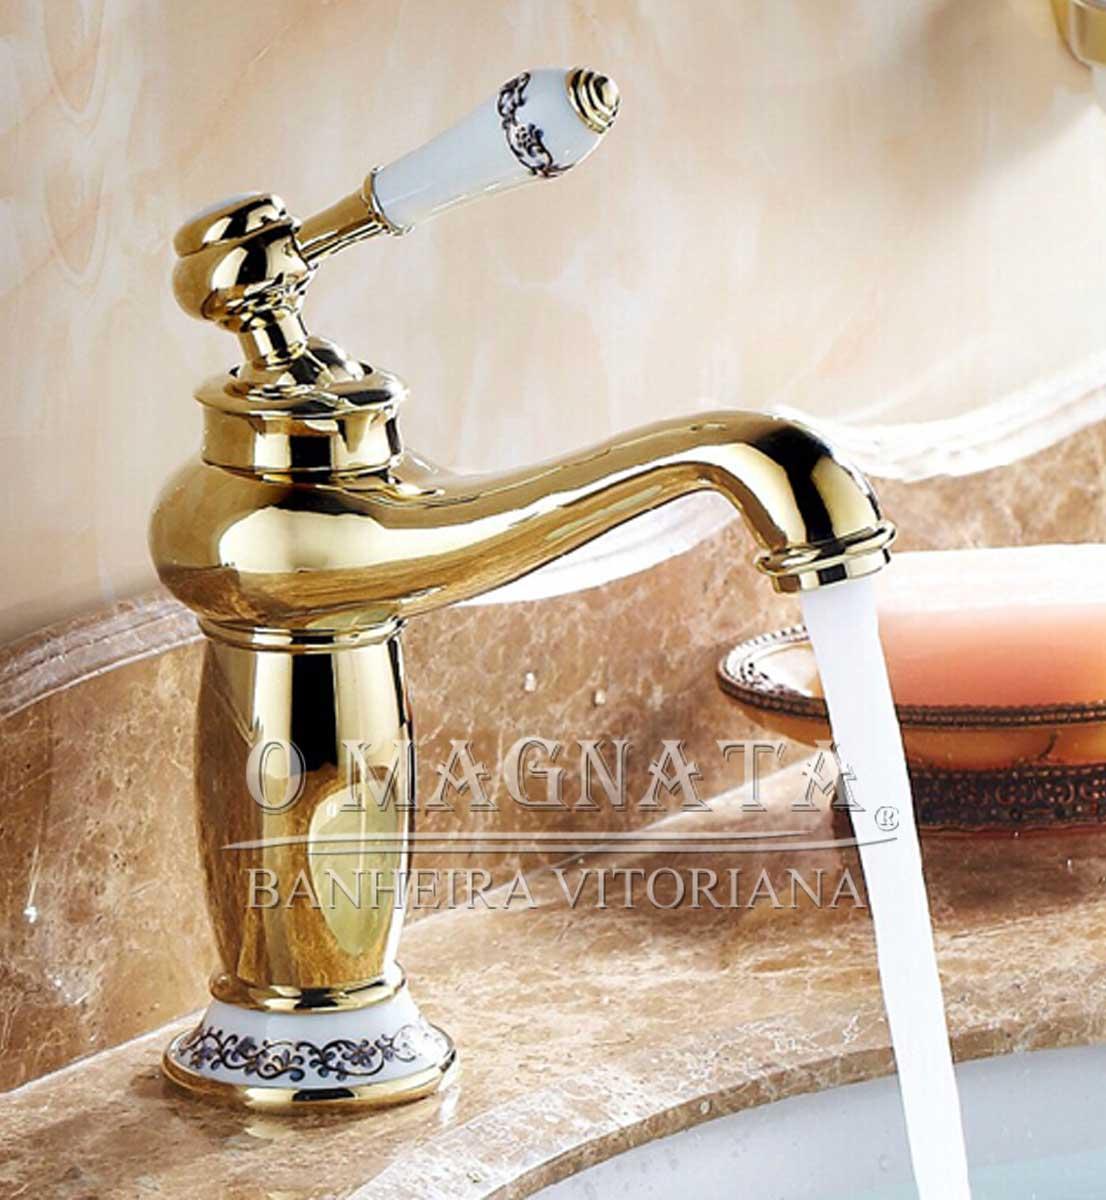 Torneiras para Pias e Lavatórios de Banheiro. #714426 1106x1200 Acessorios Banheiro Dourado